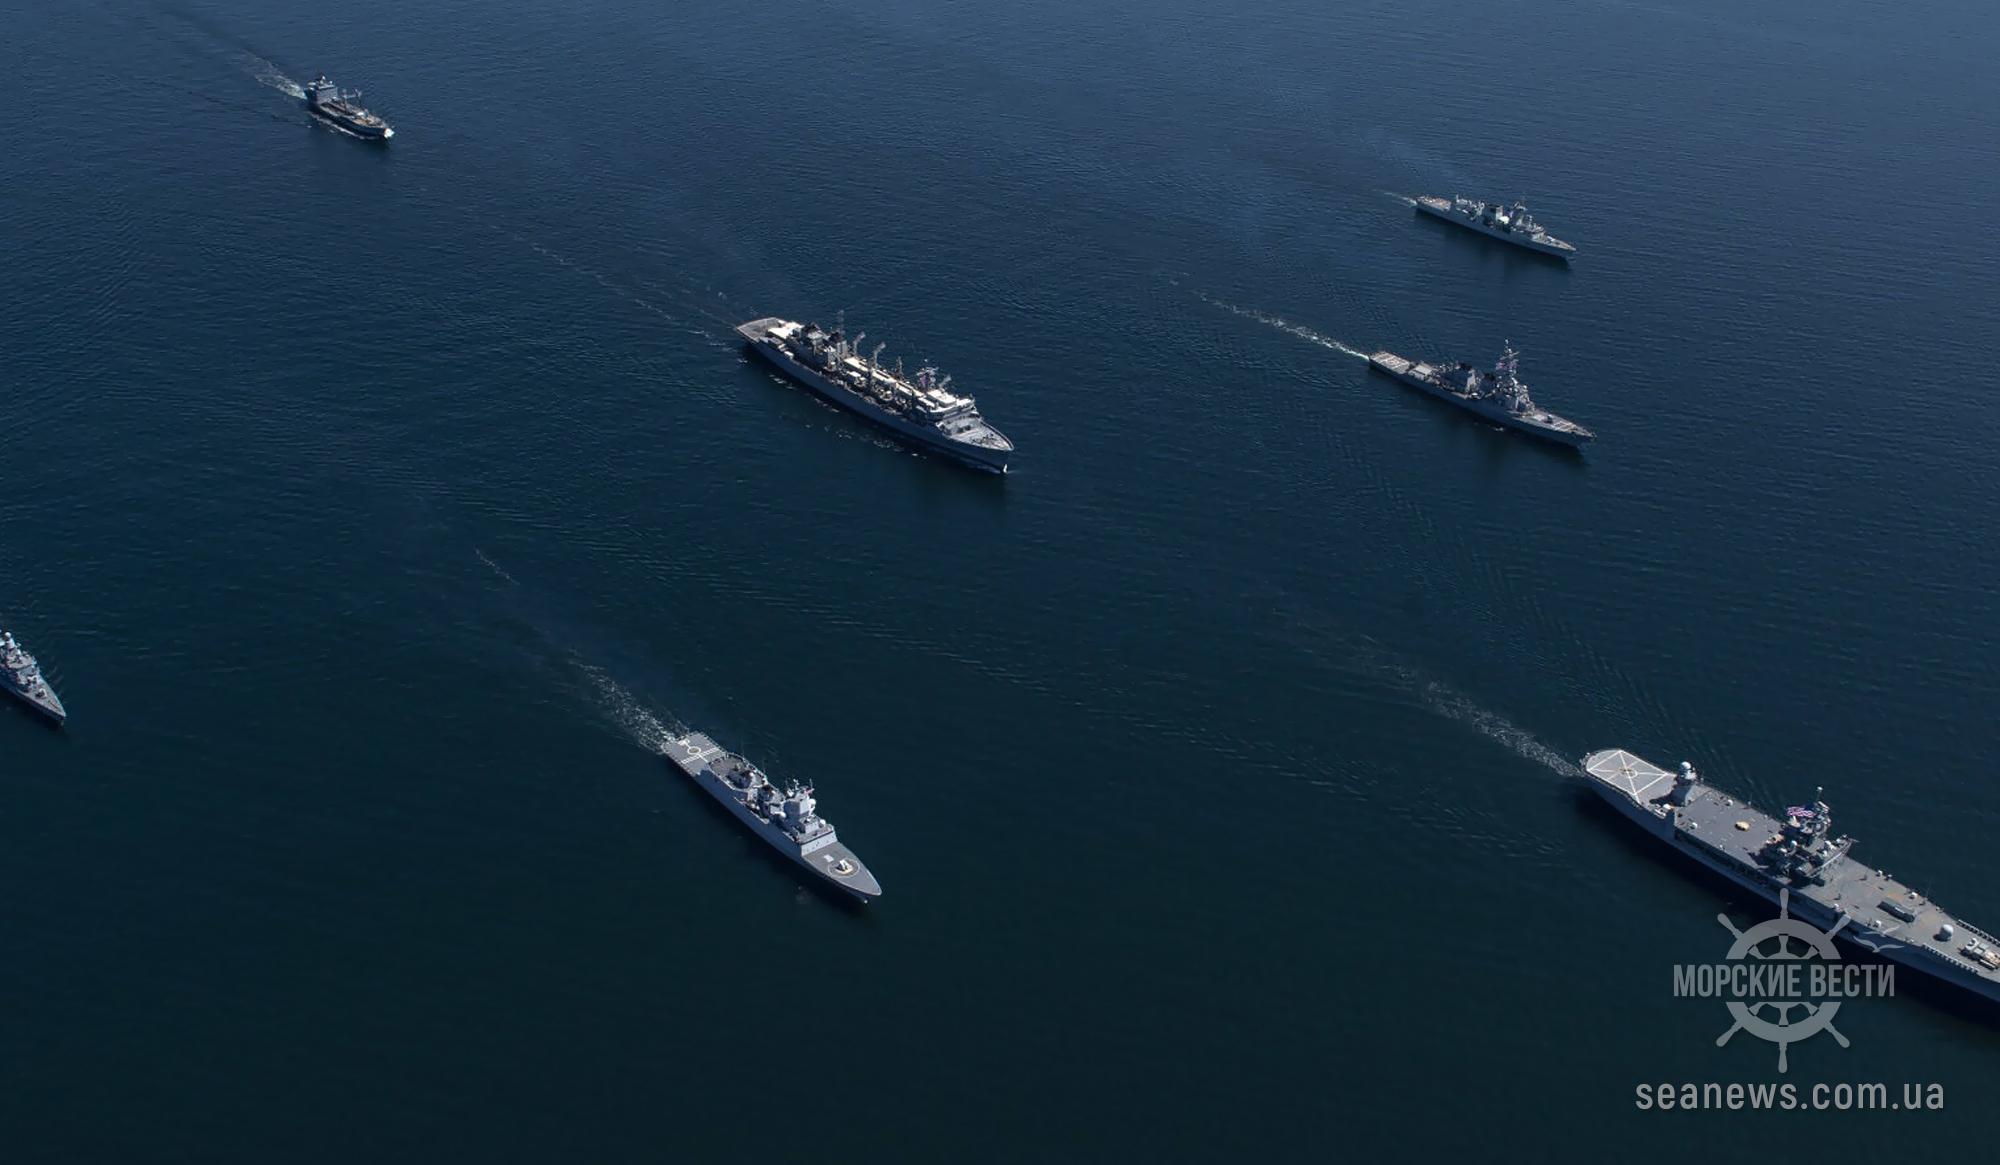 Военно-морские учения НАТО Baltops начались в Балтийском море